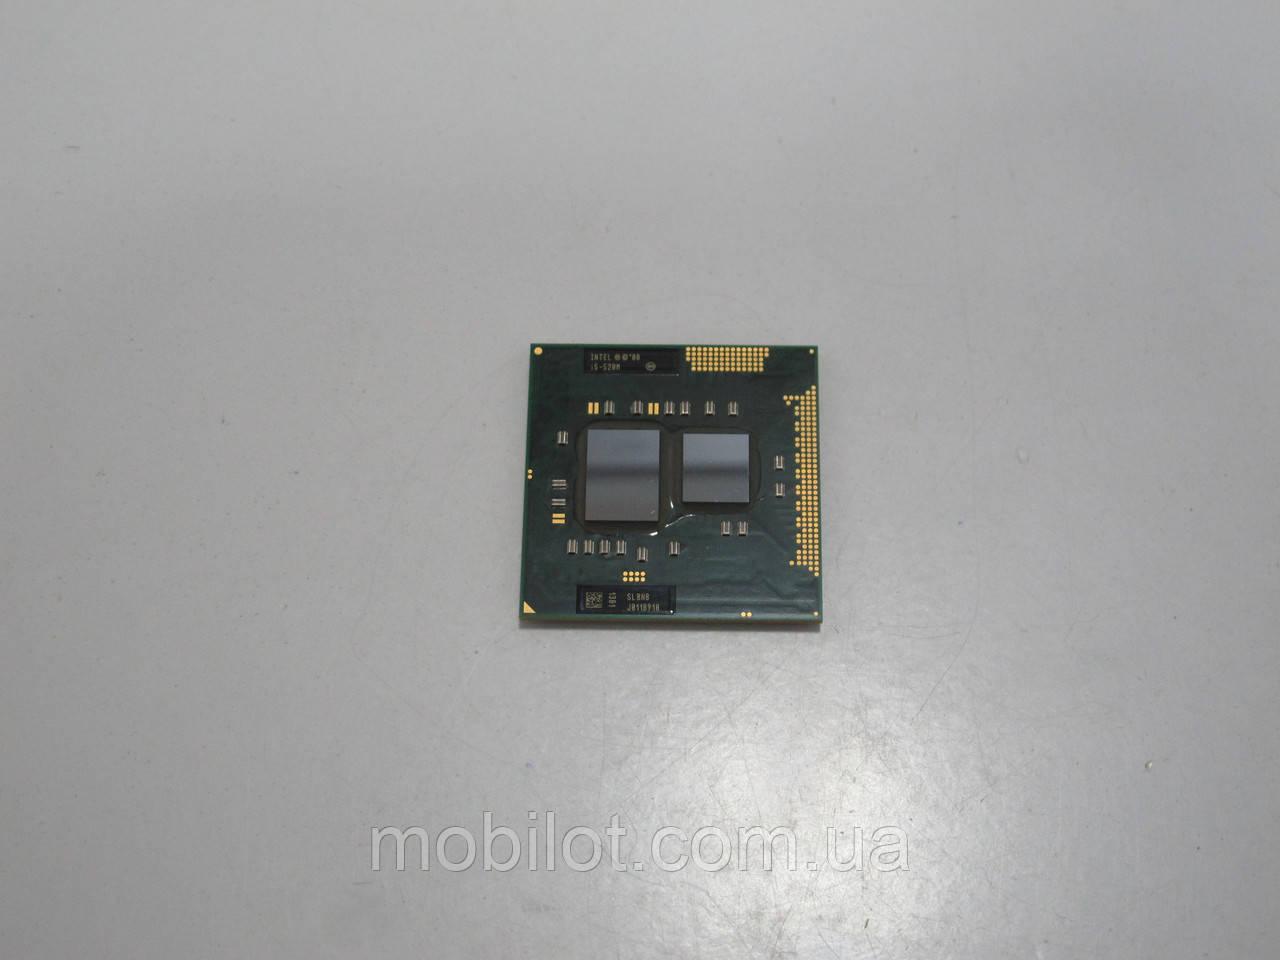 Процессор Intel i5-520M (NZ-6027)